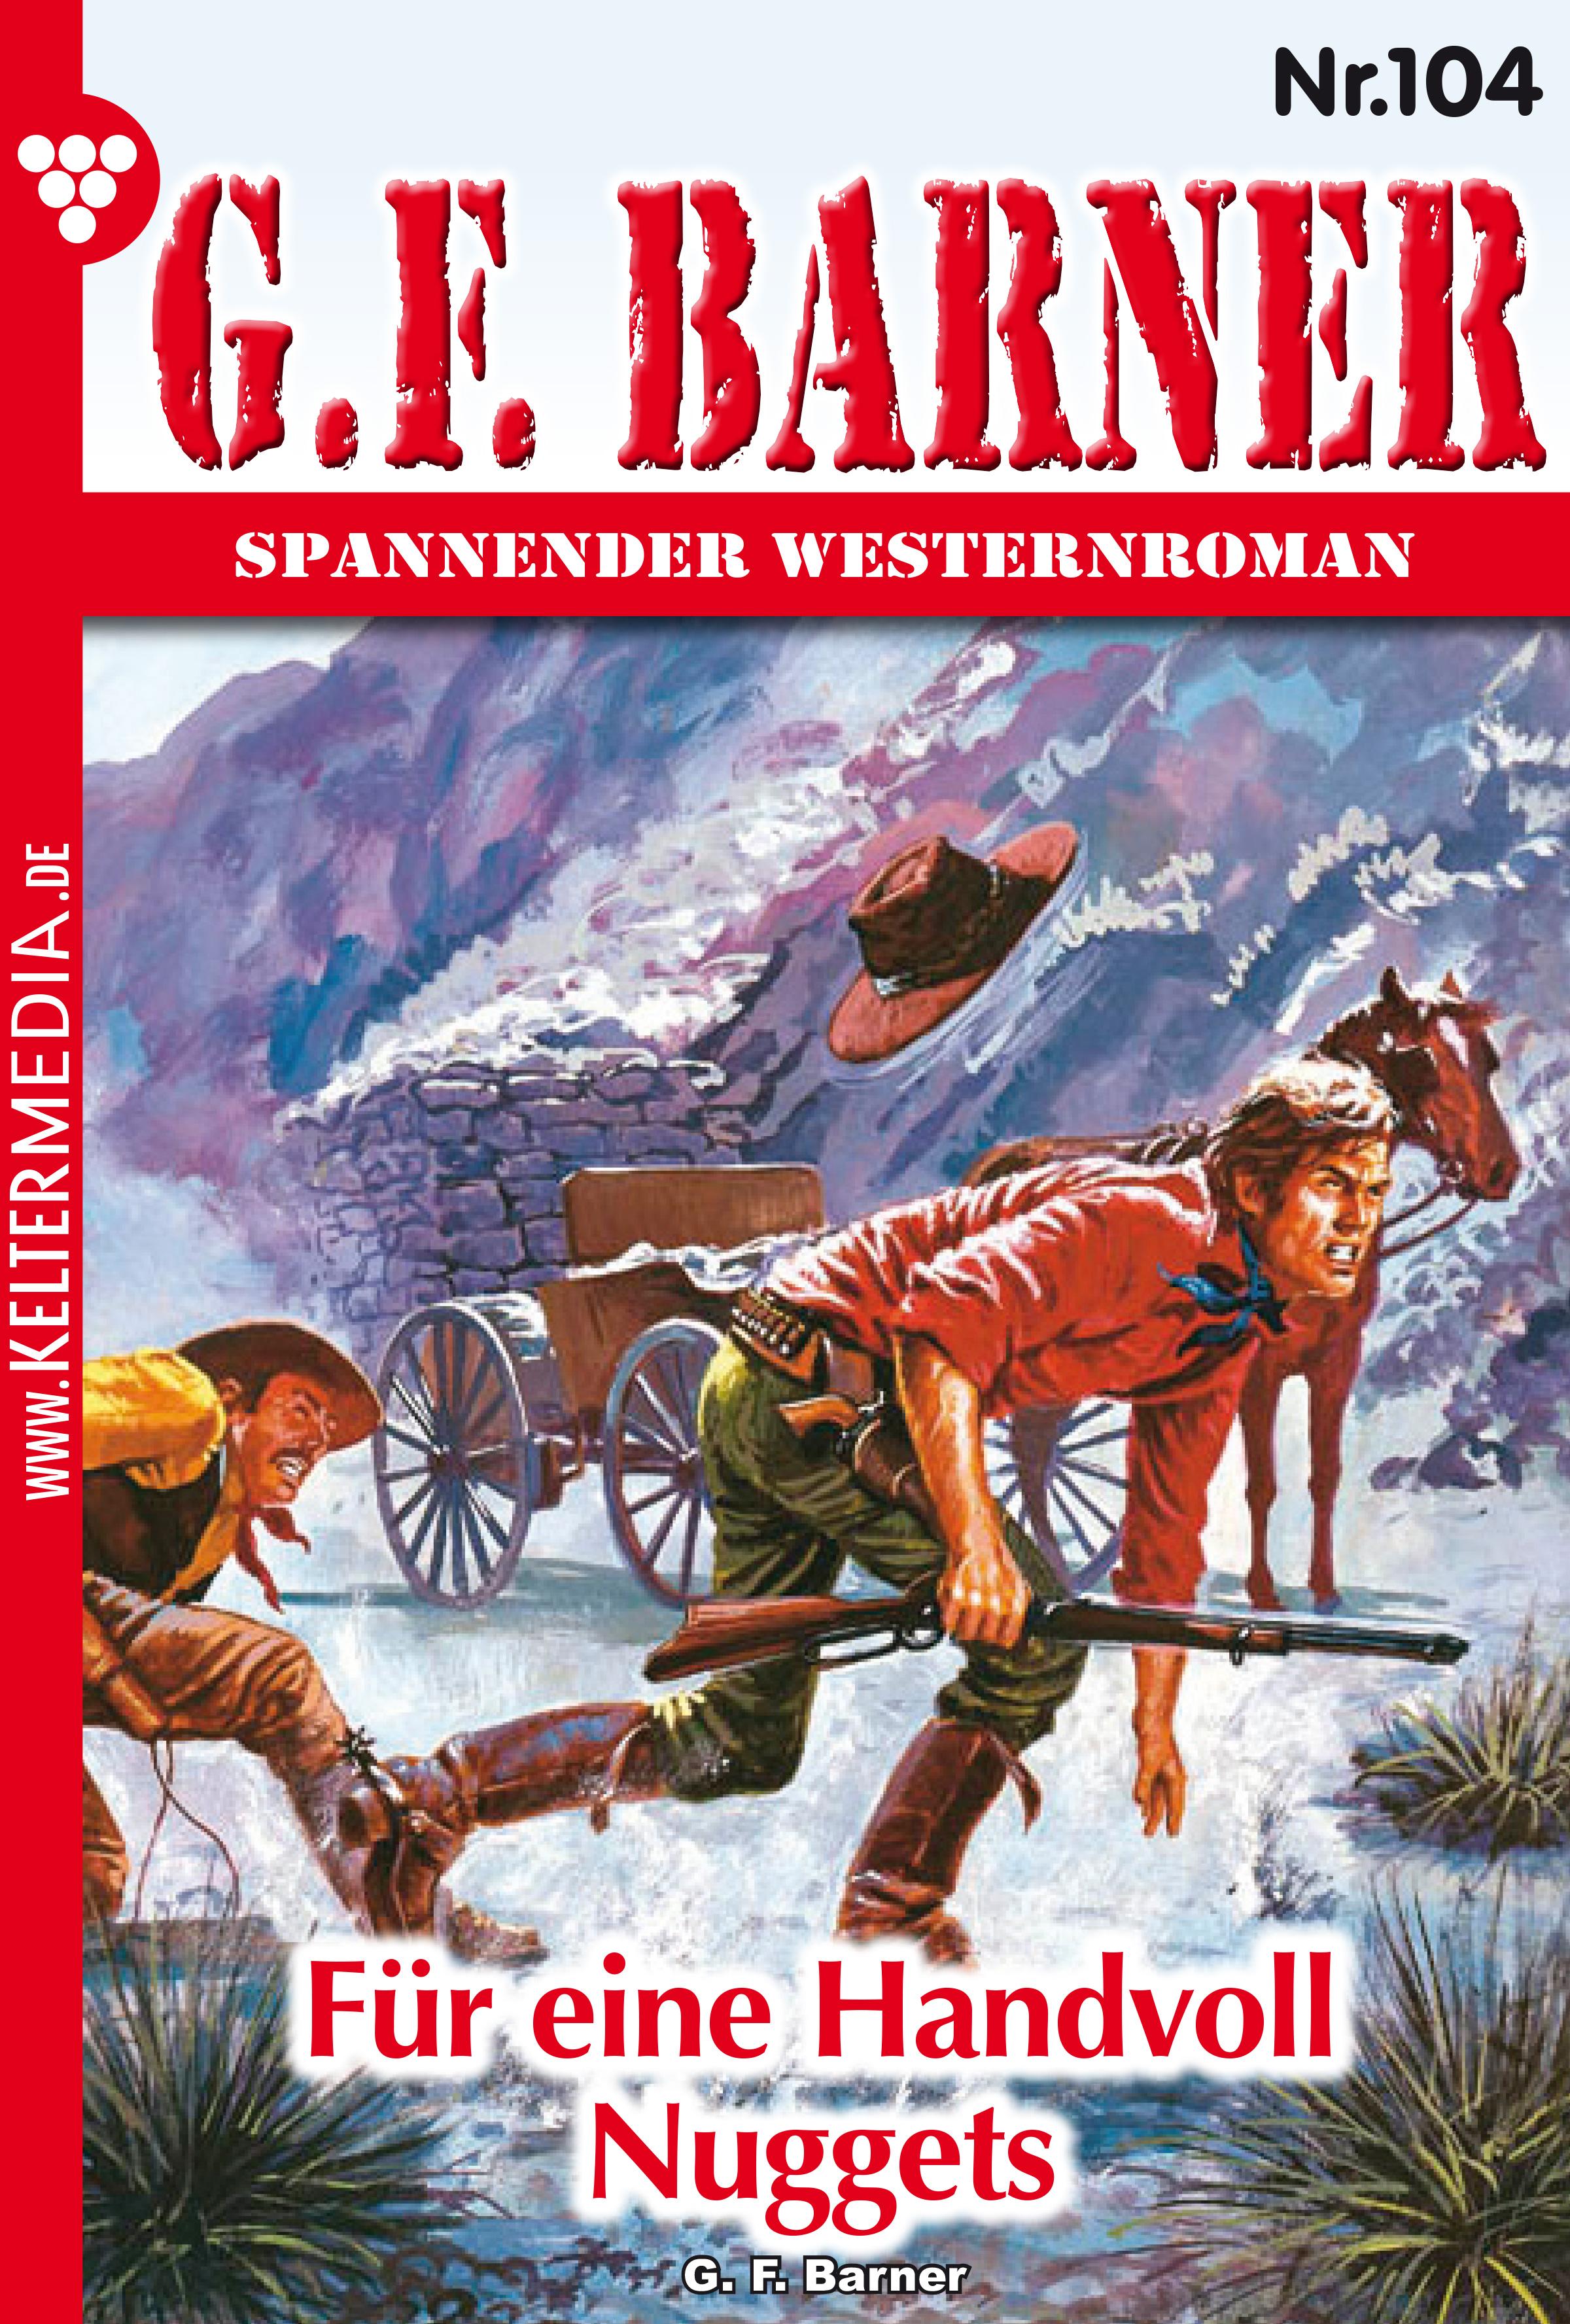 G.F. Barner G.F. Barner 104 – Western g f barner g f barner 130 – western